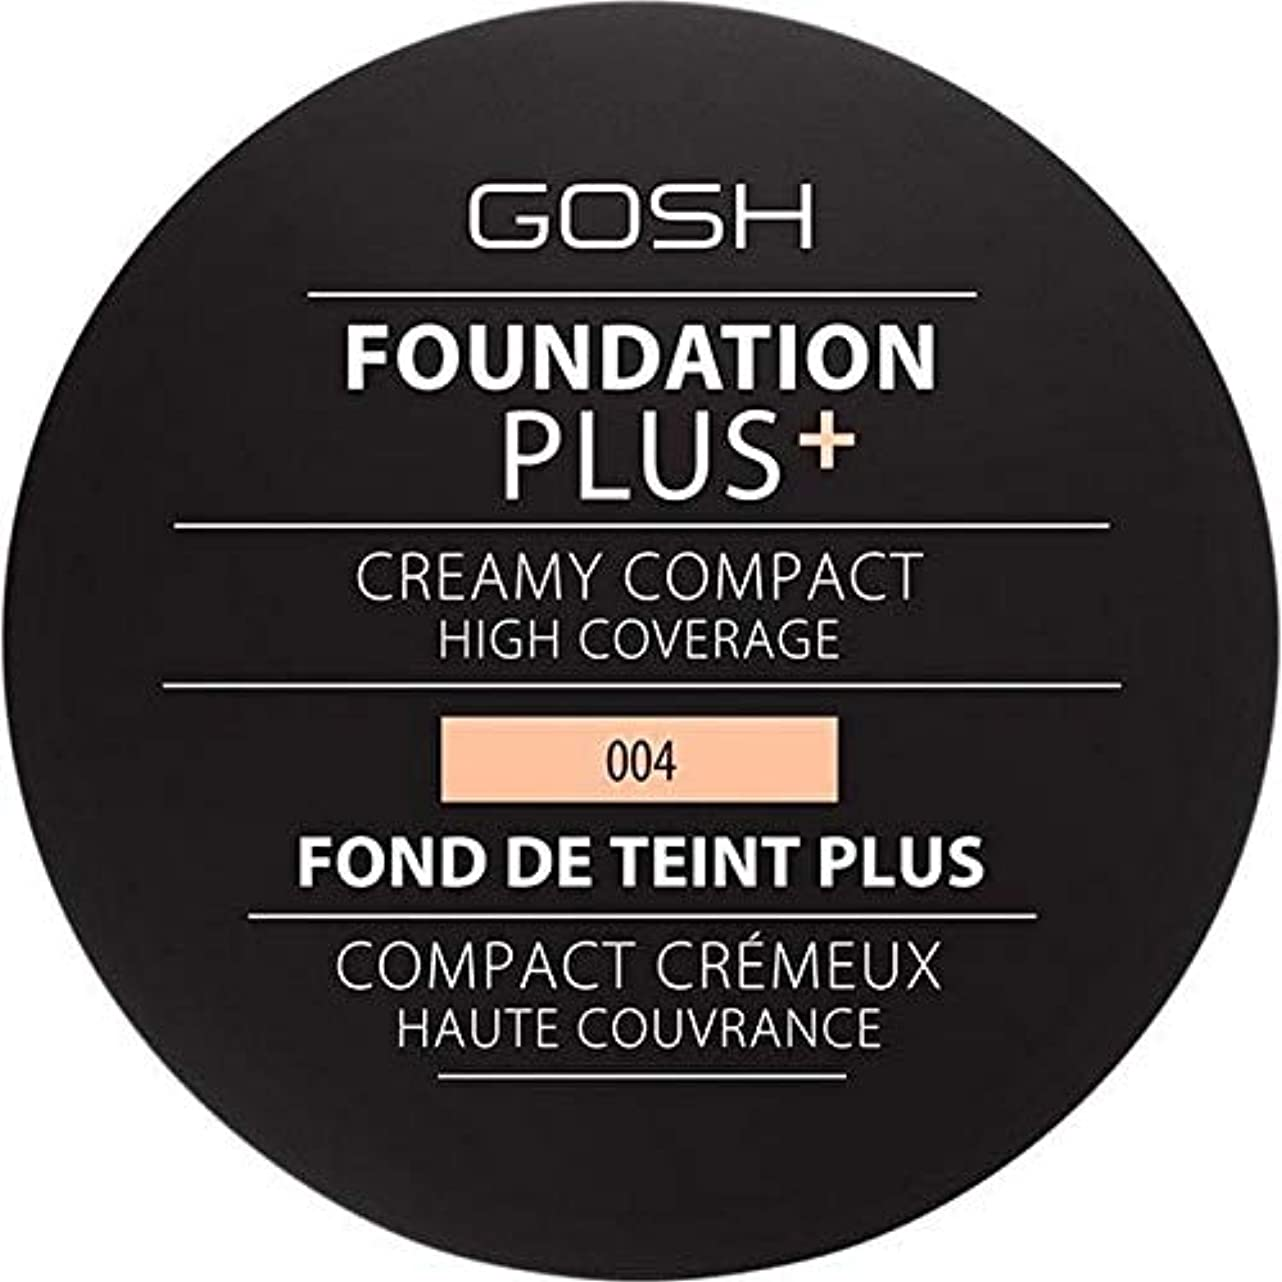 クライアント組み立てるブレーキ[GOSH ] 基礎プラス+クリーミーコンパクトな自然004 - Foundation Plus+ Creamy Compact Natural 004 [並行輸入品]